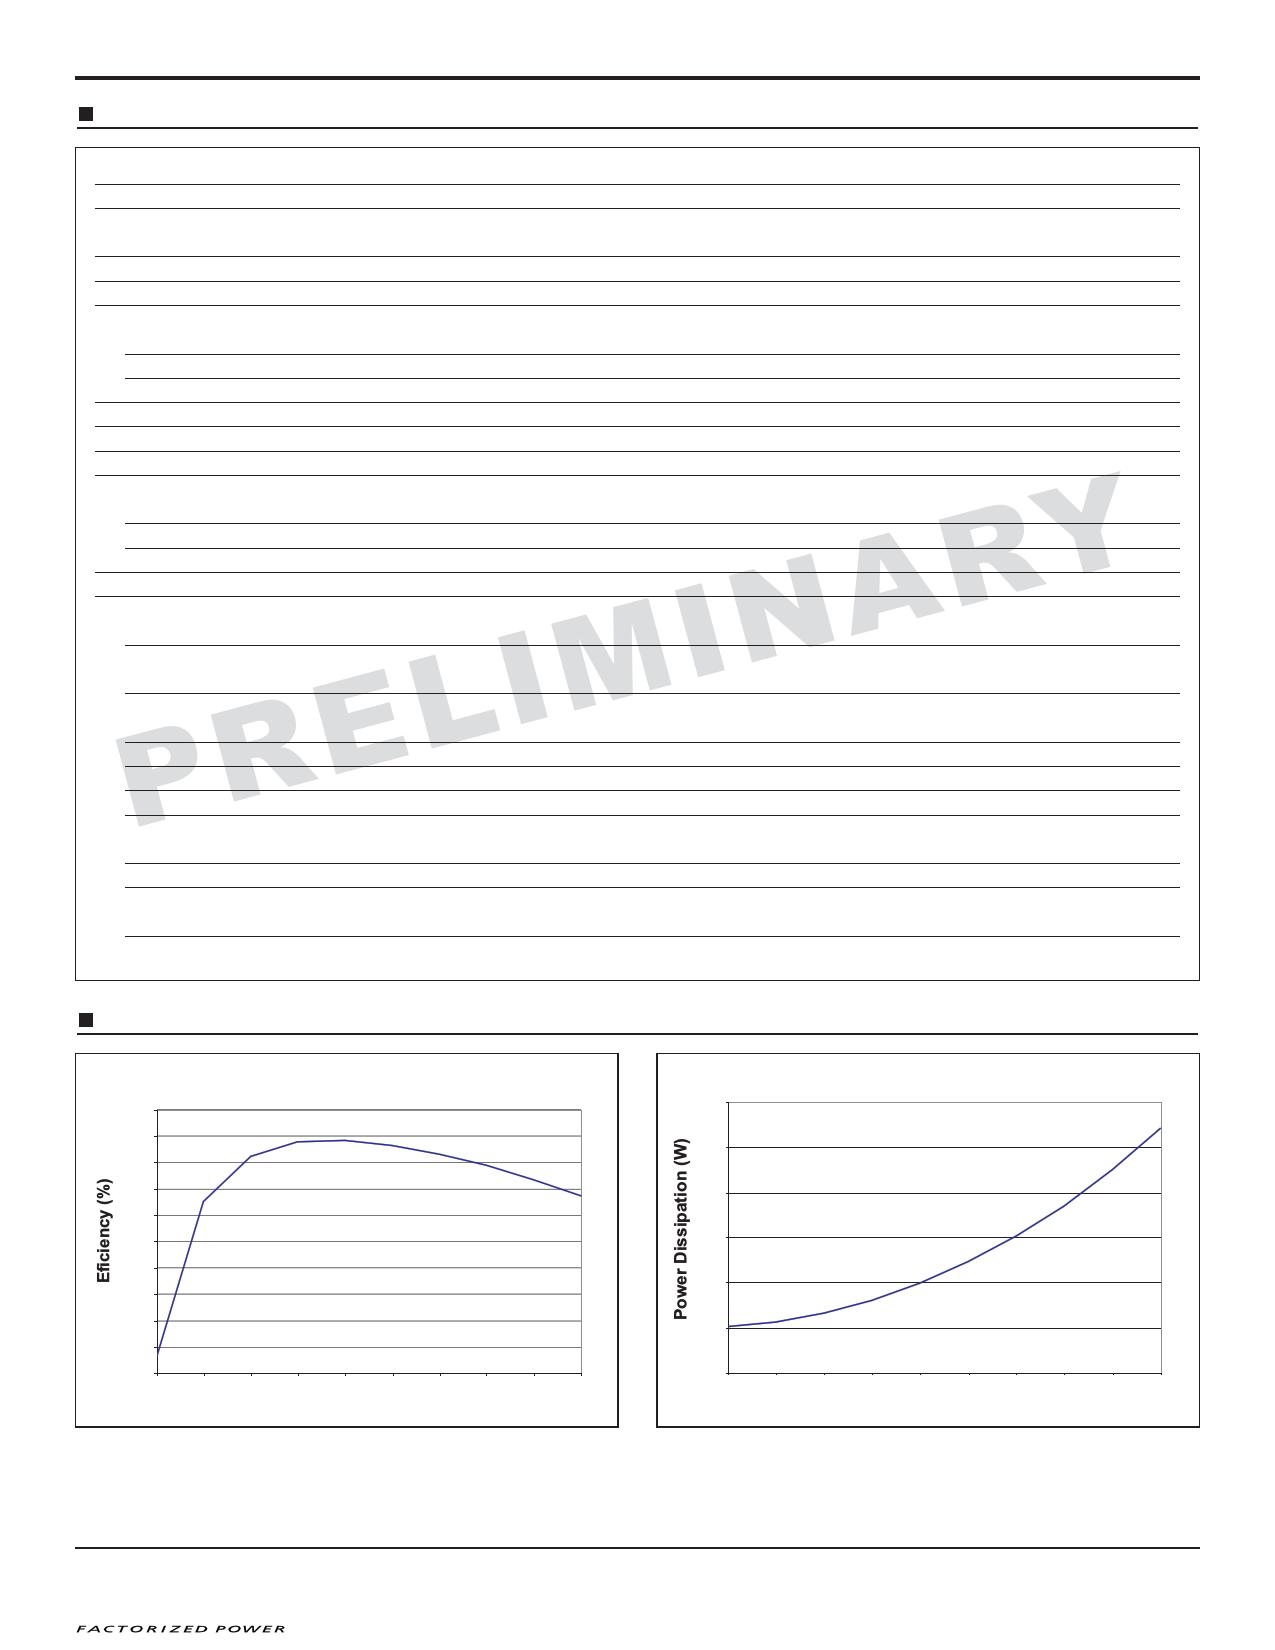 V048L015T80 pdf, 電子部品, 半導体, ピン配列